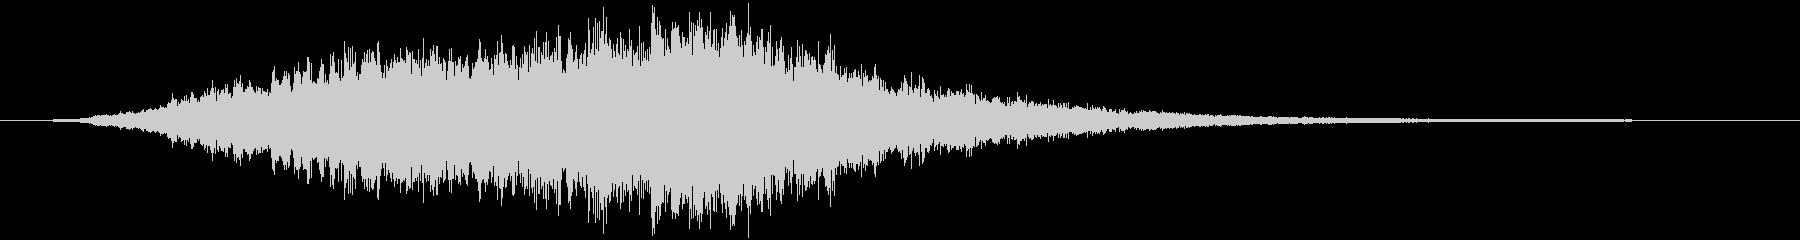 音楽効果;不気味なショートトゥイン...の未再生の波形